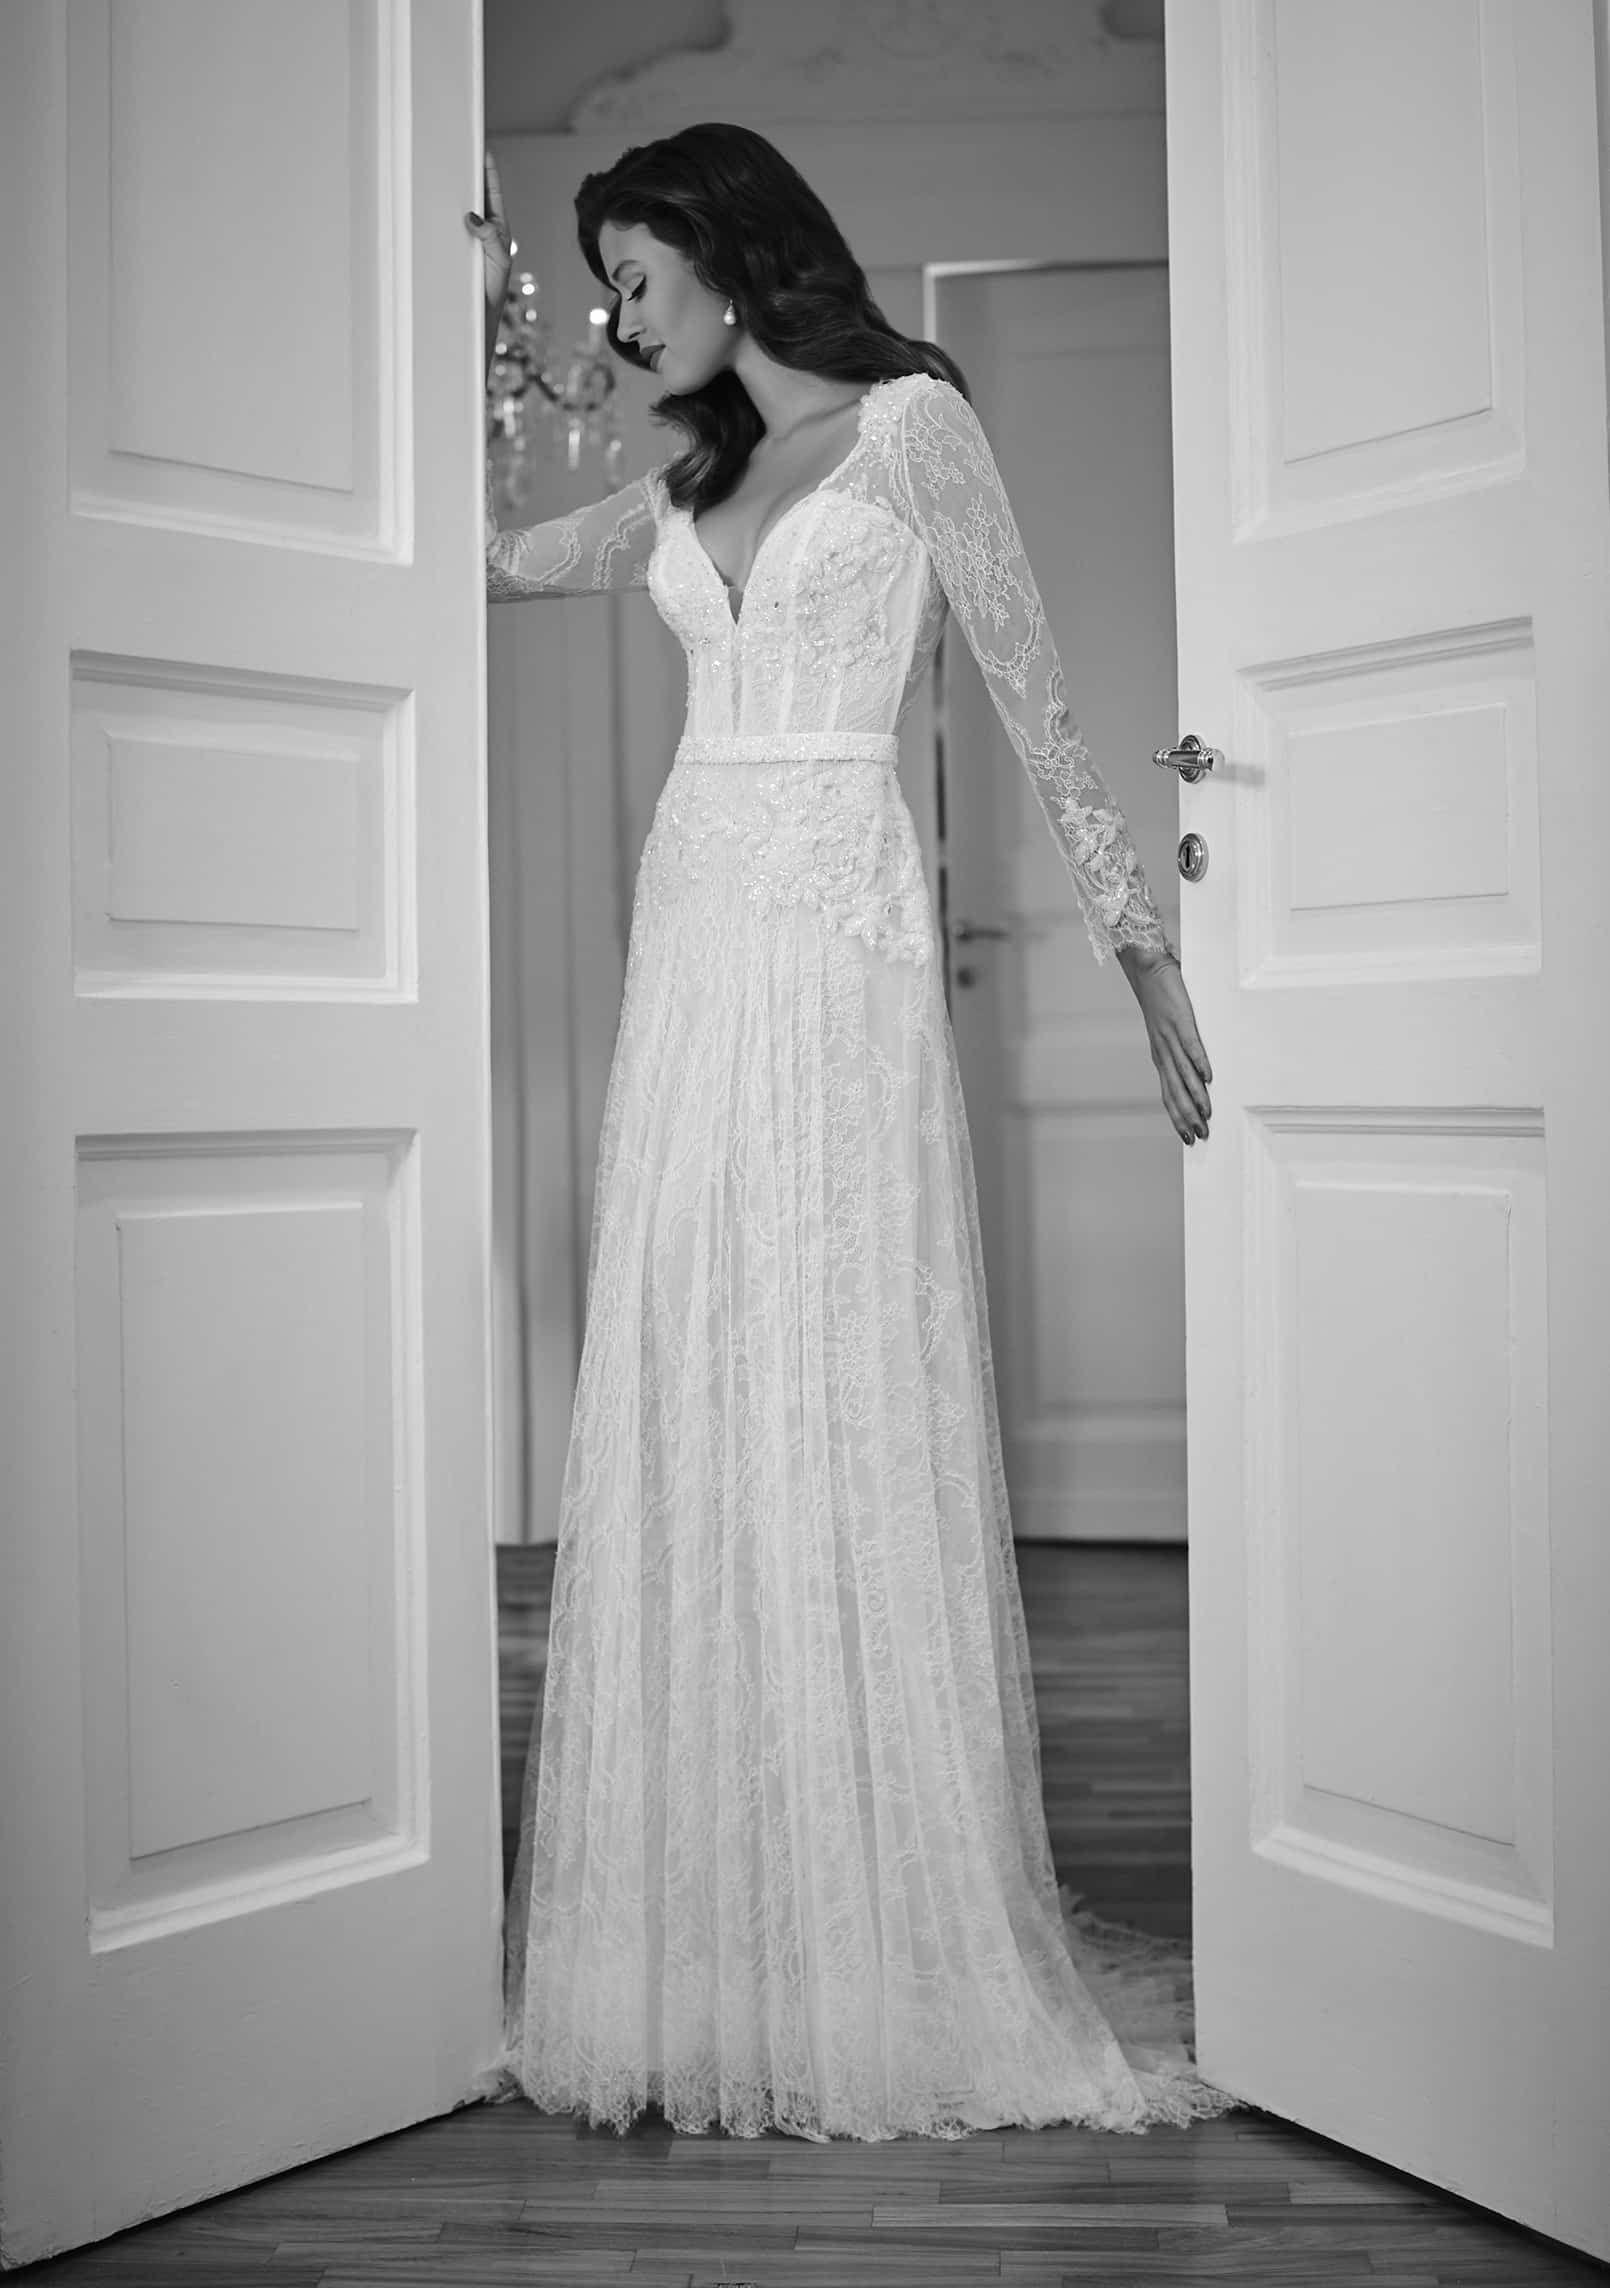 Mod wedding dress  Dire Maison Signore vuol dire narrare la storia di un lavoro